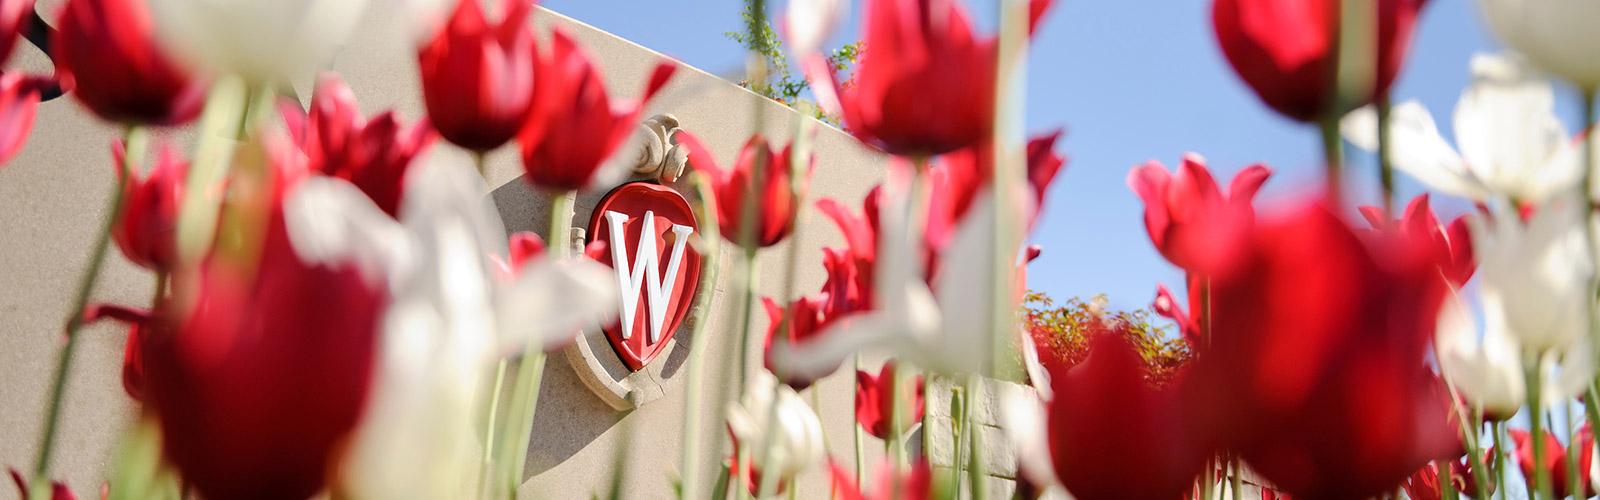 crest-tulips-1600